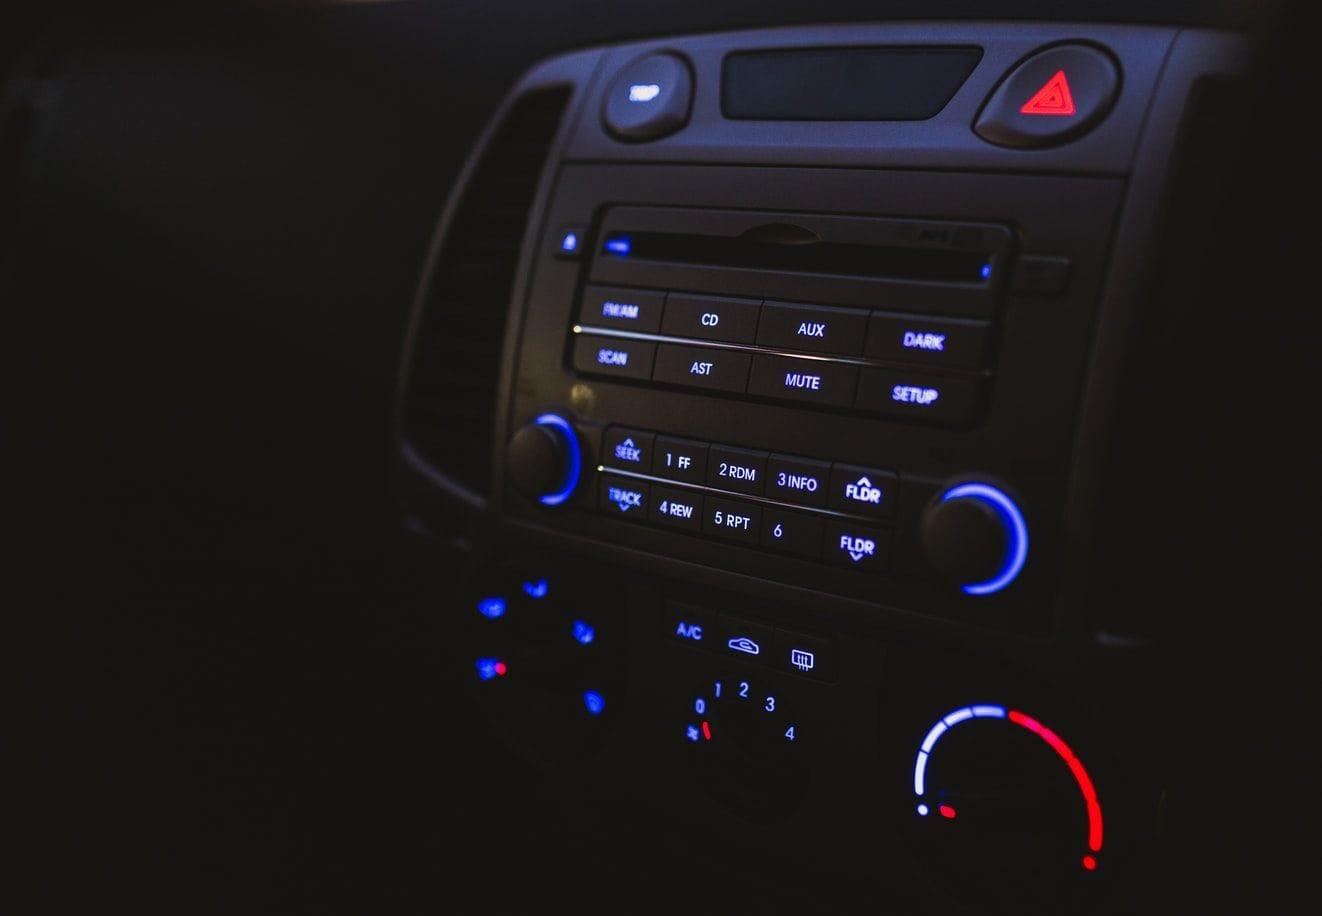 εικόνα που απεικονίζει το εσωτερικό πινακάκι ελέγχου στο ταμπλό του οχήματος